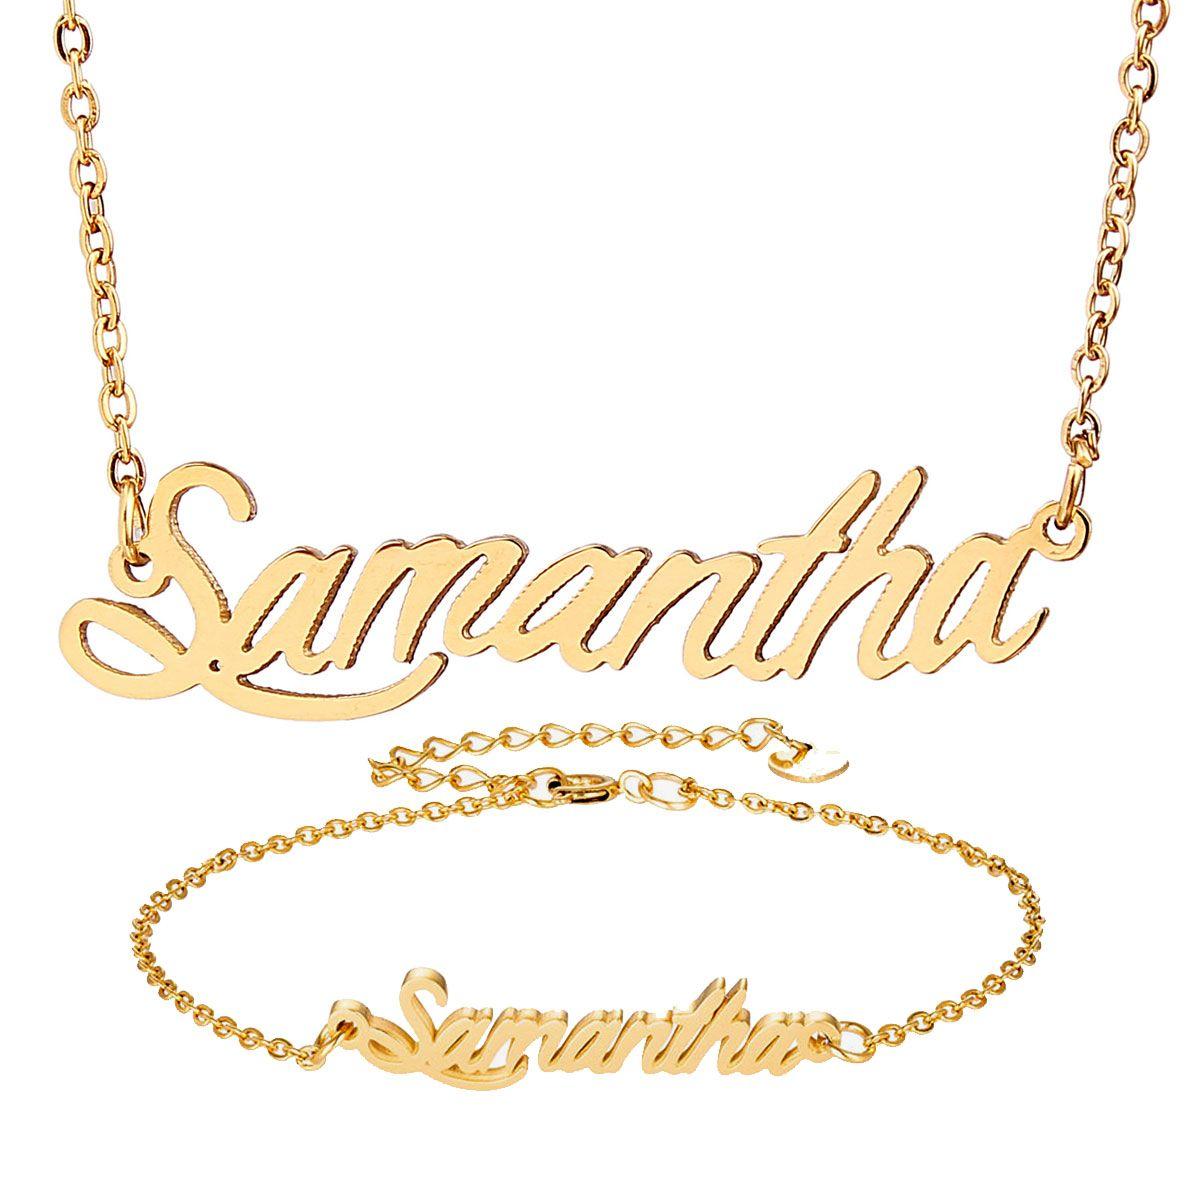 """Personalisierte Gold-Namenskette """"Samantha"""" Script Kette für Frauen Goldchoker Kettenhalsketten-Anhänger-Armband-Satz-Geschenk-Namensschild"""